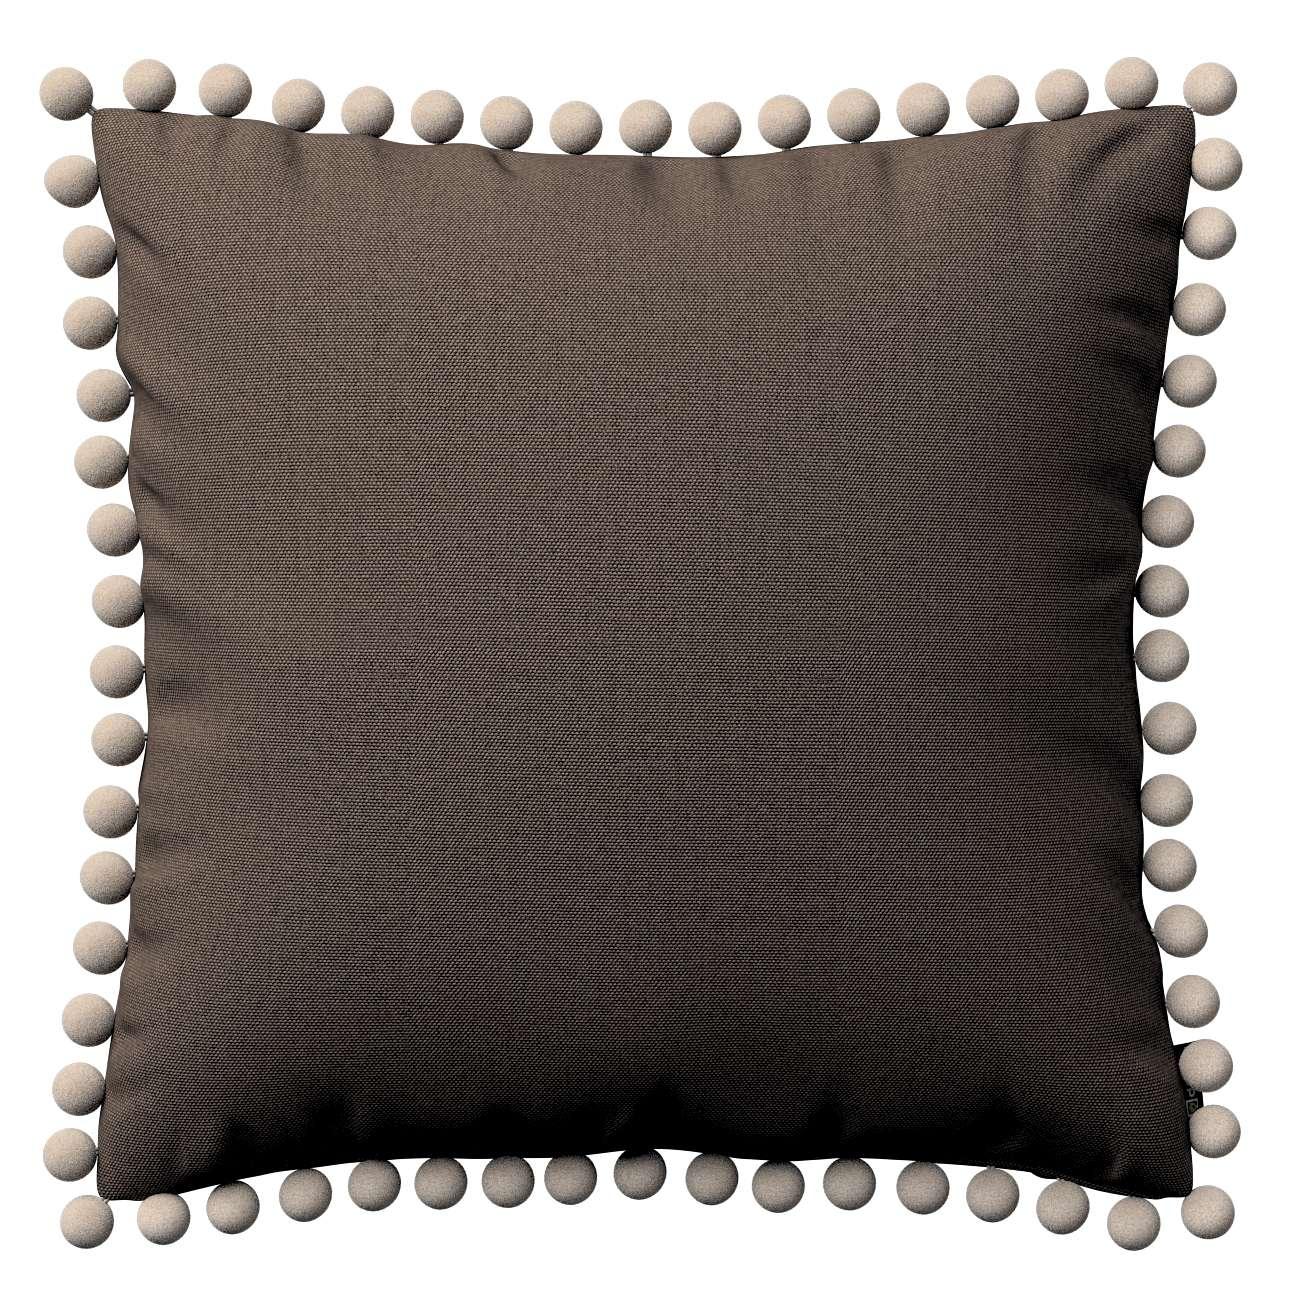 Wera dekoratyvinės pagalvėlės su žaismingais kraštais 45 x 45 cm kolekcijoje Etna , audinys: 705-08